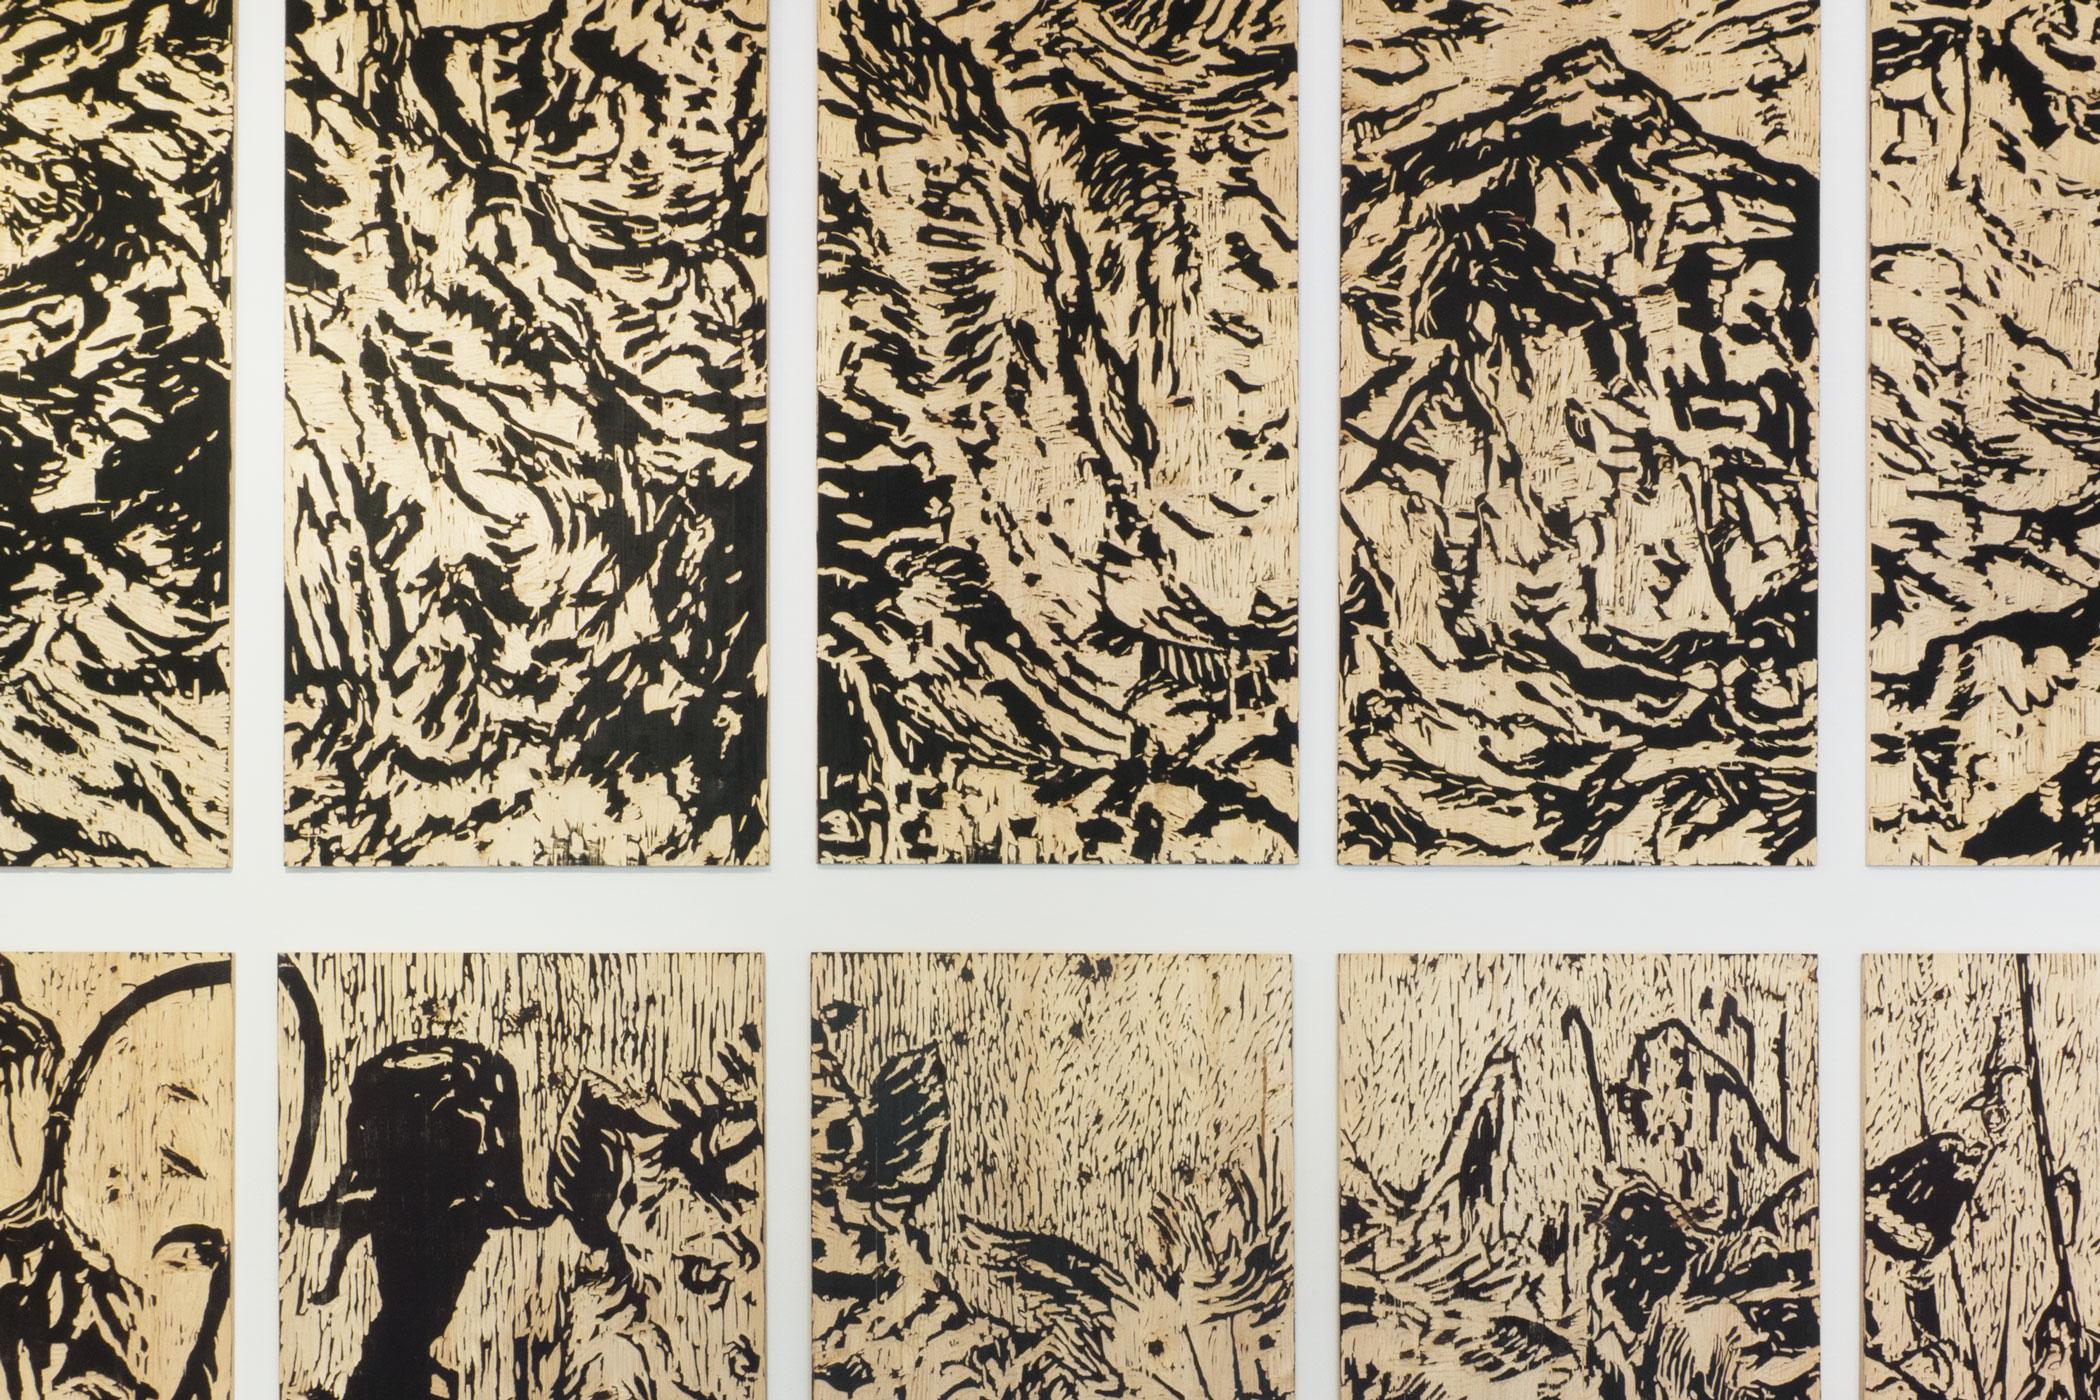 Ausstellung von Christian Thanhäuser mit Holzschnitten zu Karl Kraus